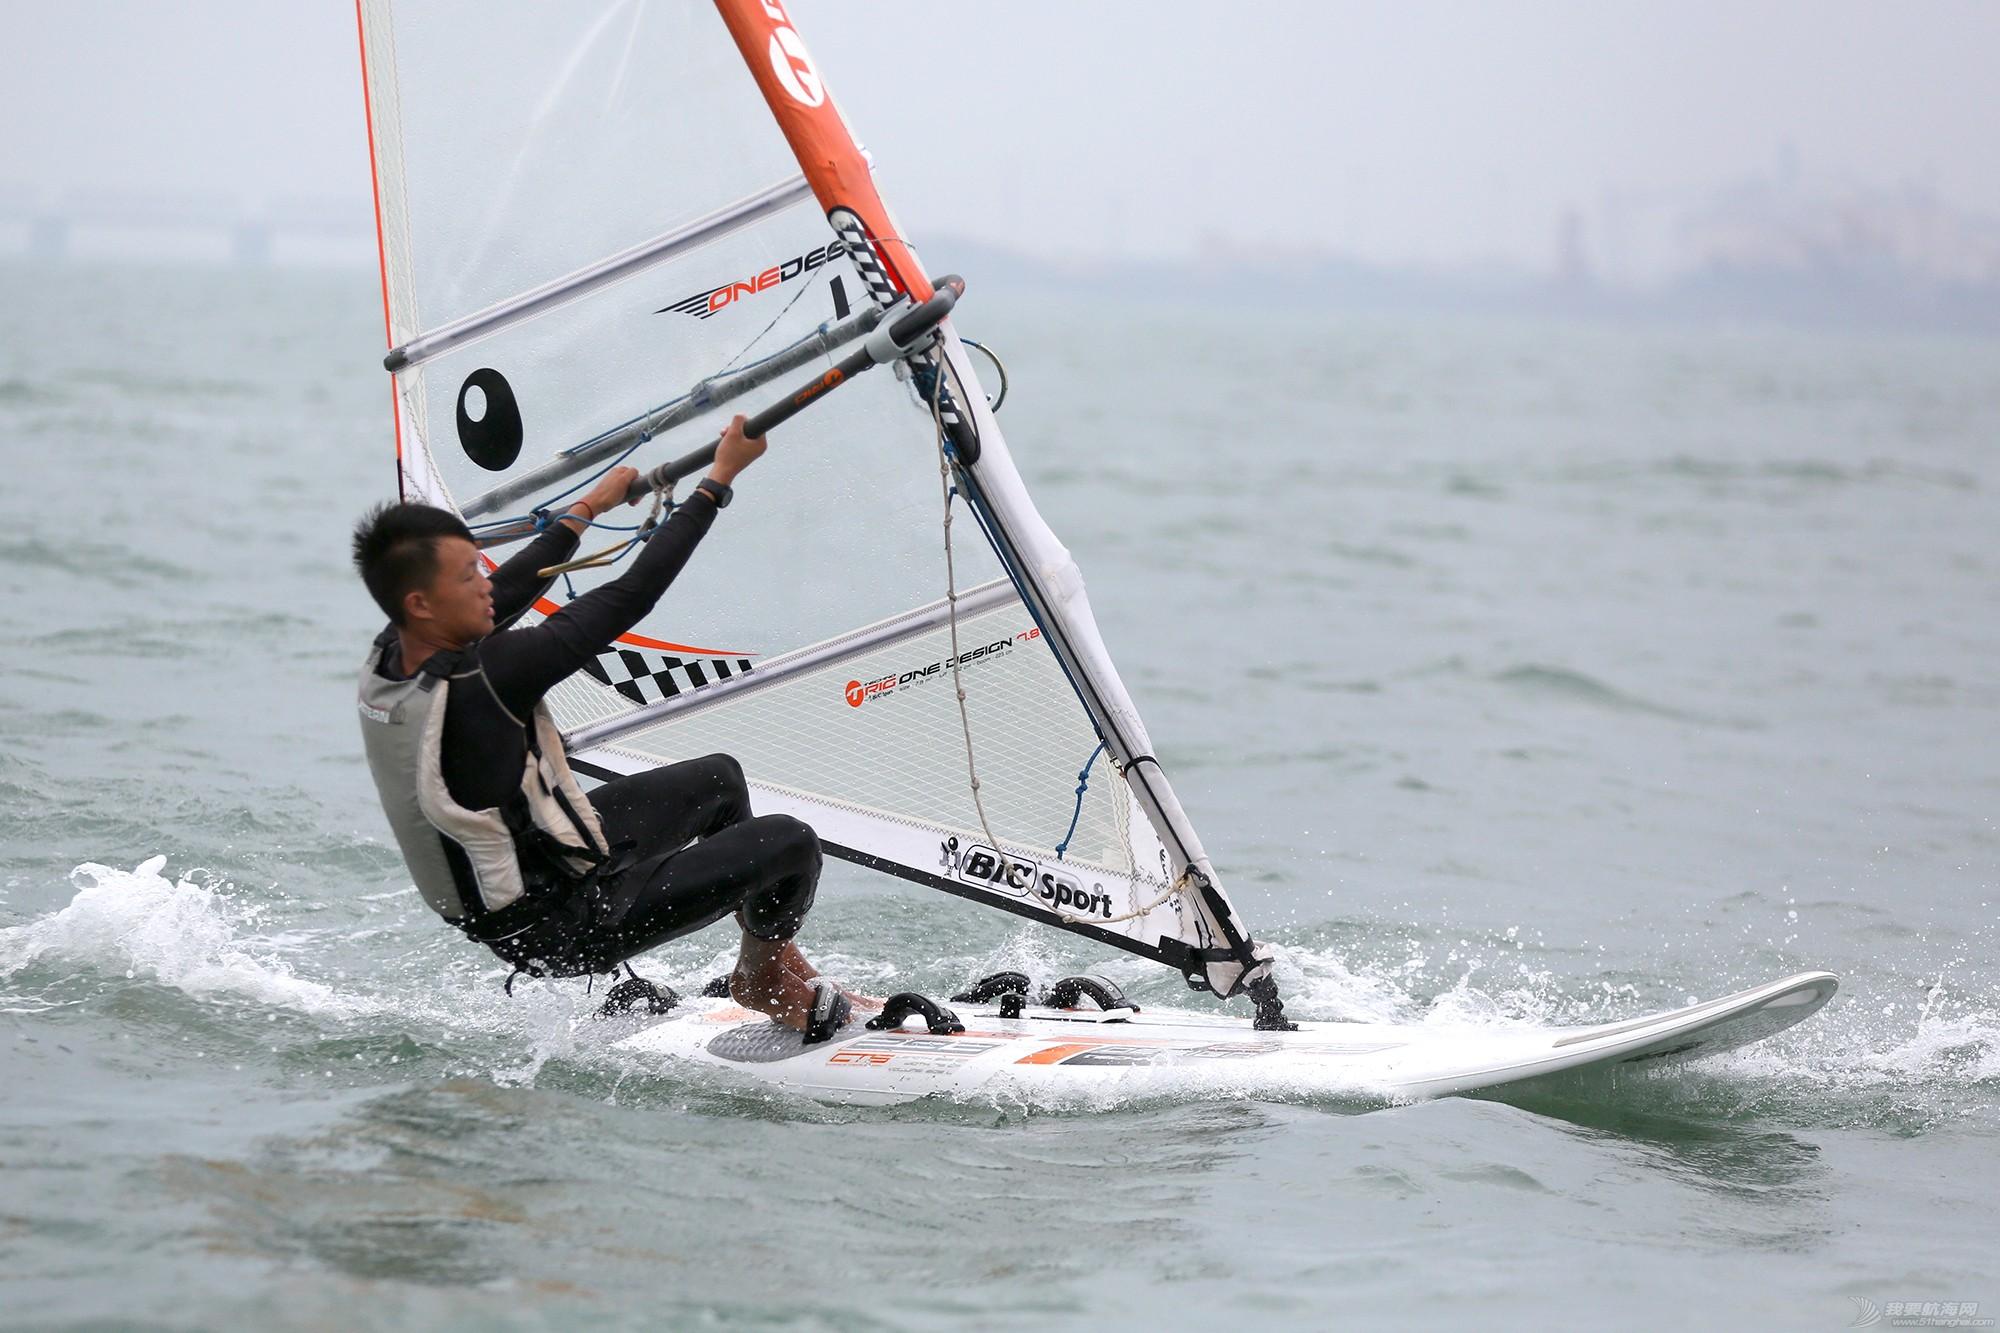 山东省,运动员,冠军赛,天气,帆板 风生水起,怎奈个个都是浪里白条——山东省帆船帆板冠军赛第二天赛况 5V8A1448副本.jpg